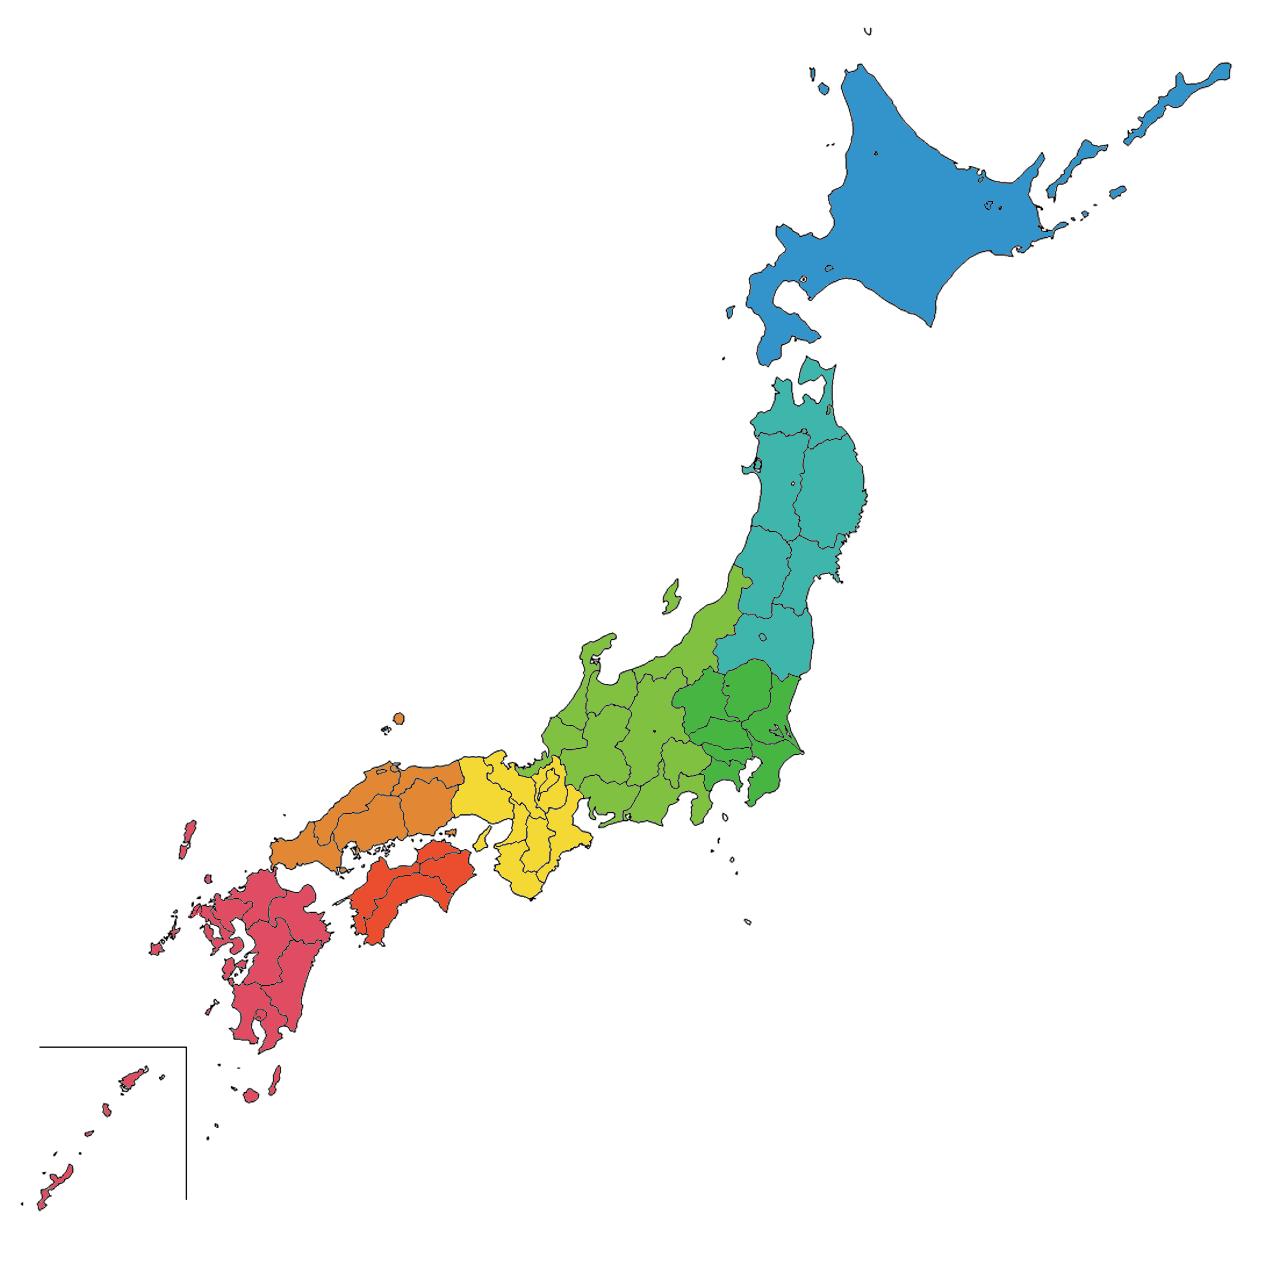 日本 日本地図 東北地方 : 完全無料の日本地図イラスト集 ...